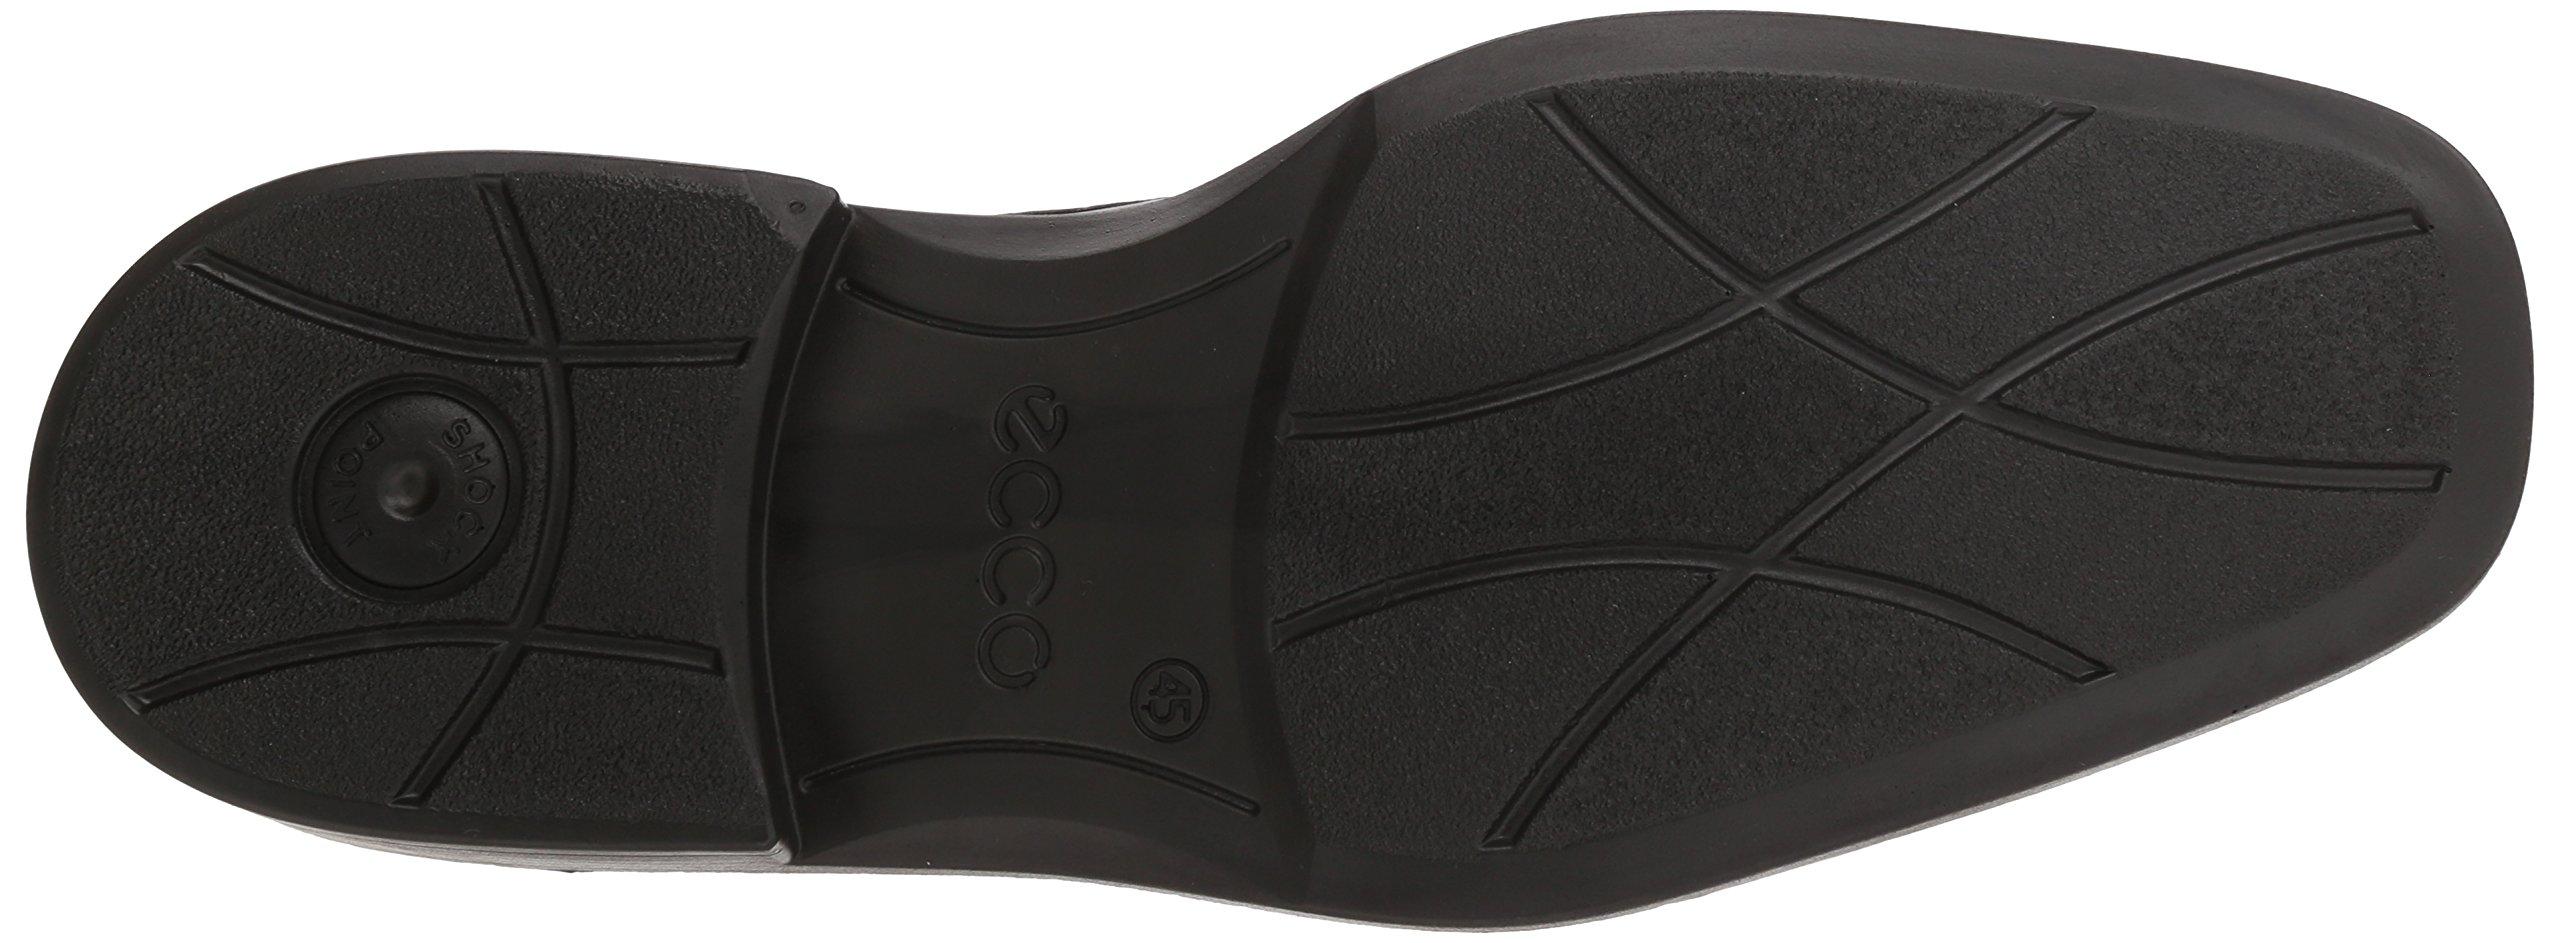 ECCO New Jersey Lace Oxford Cocoa Brown 41 EU (US Men's 7-7.5 M) by ECCO (Image #3)